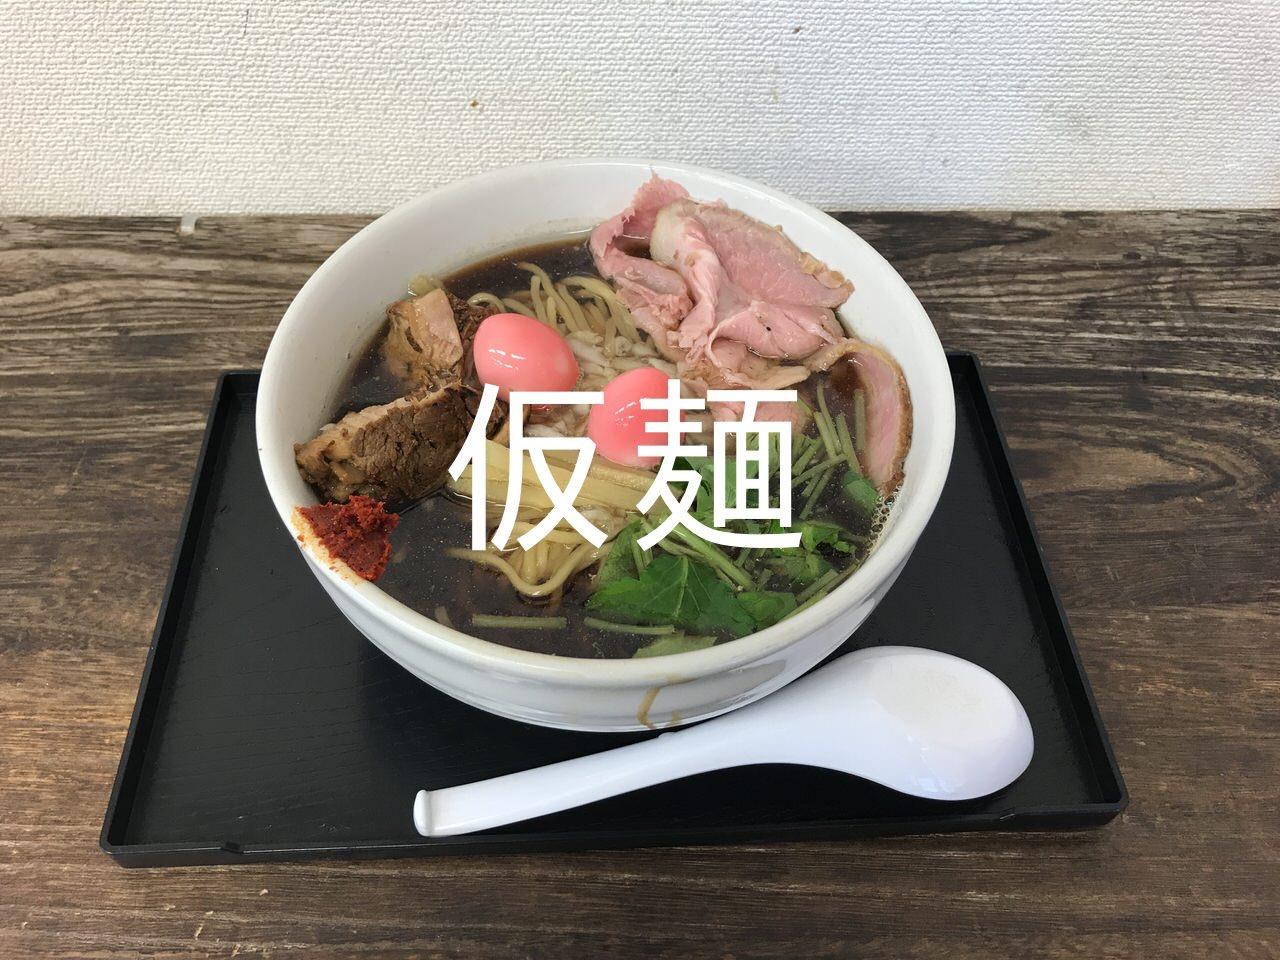 間借りラーメン「仮麺中」営業再開!角打ちわかさやに間借り中(浦和)